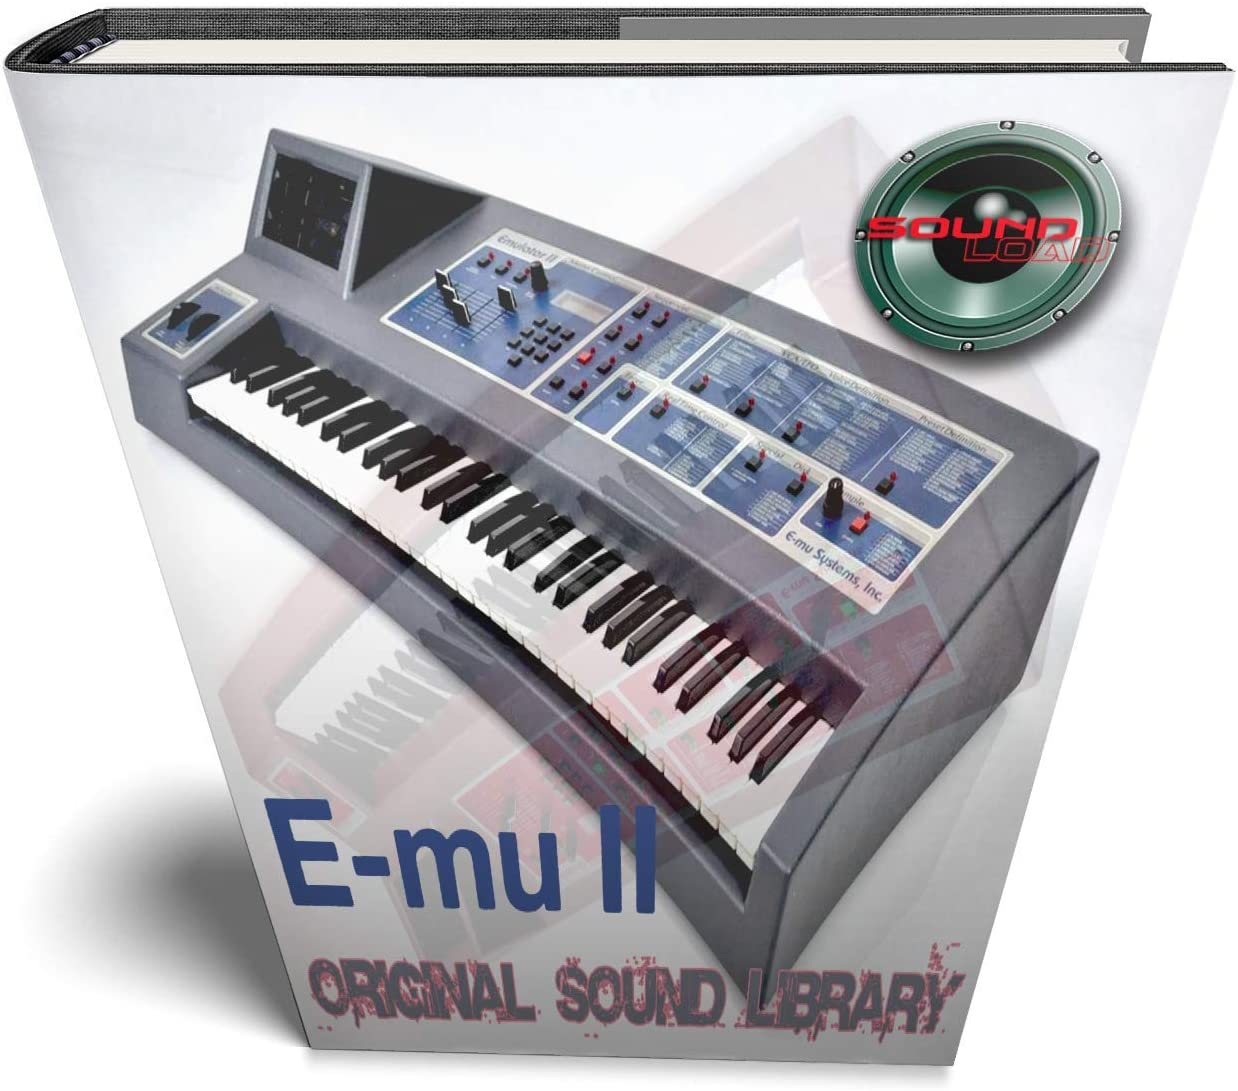 E-mu Emulator II - Emulator II grande original de 24 bits, multicapa, muestras de contacto, 3,41 GB en DVD o descarga